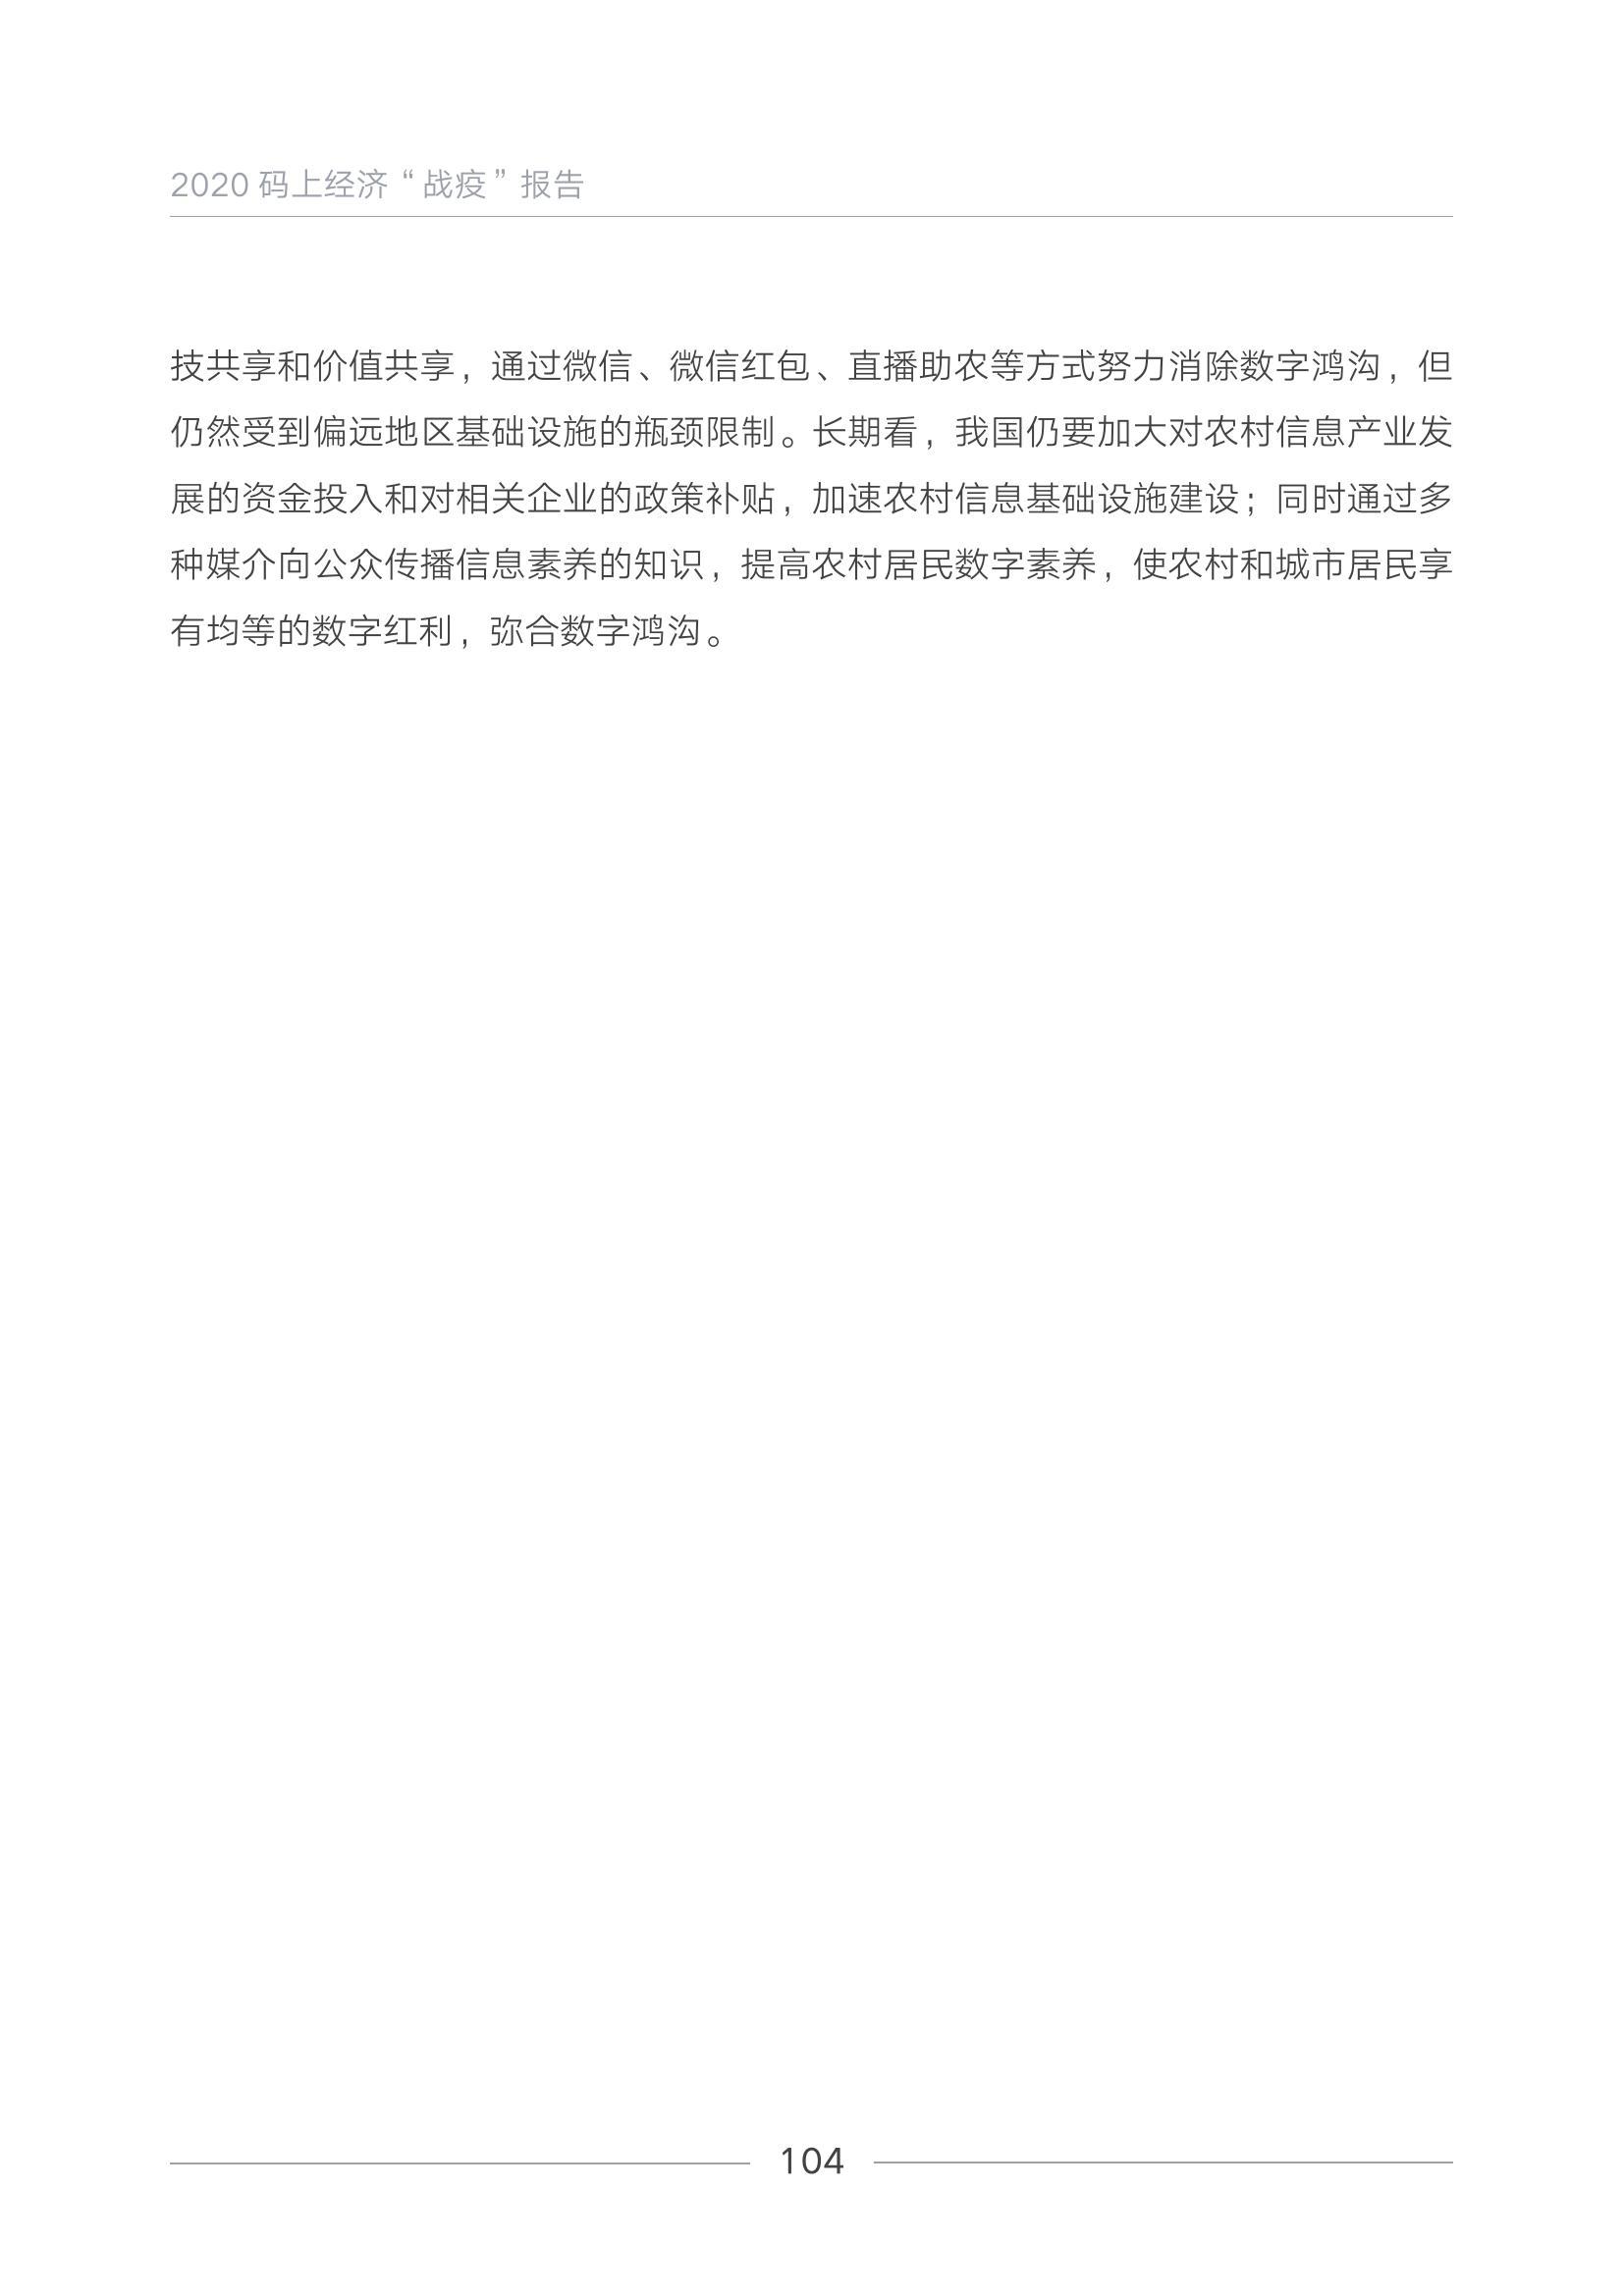 英雄联盟s10下注-LOL官方竞猜平台-首页